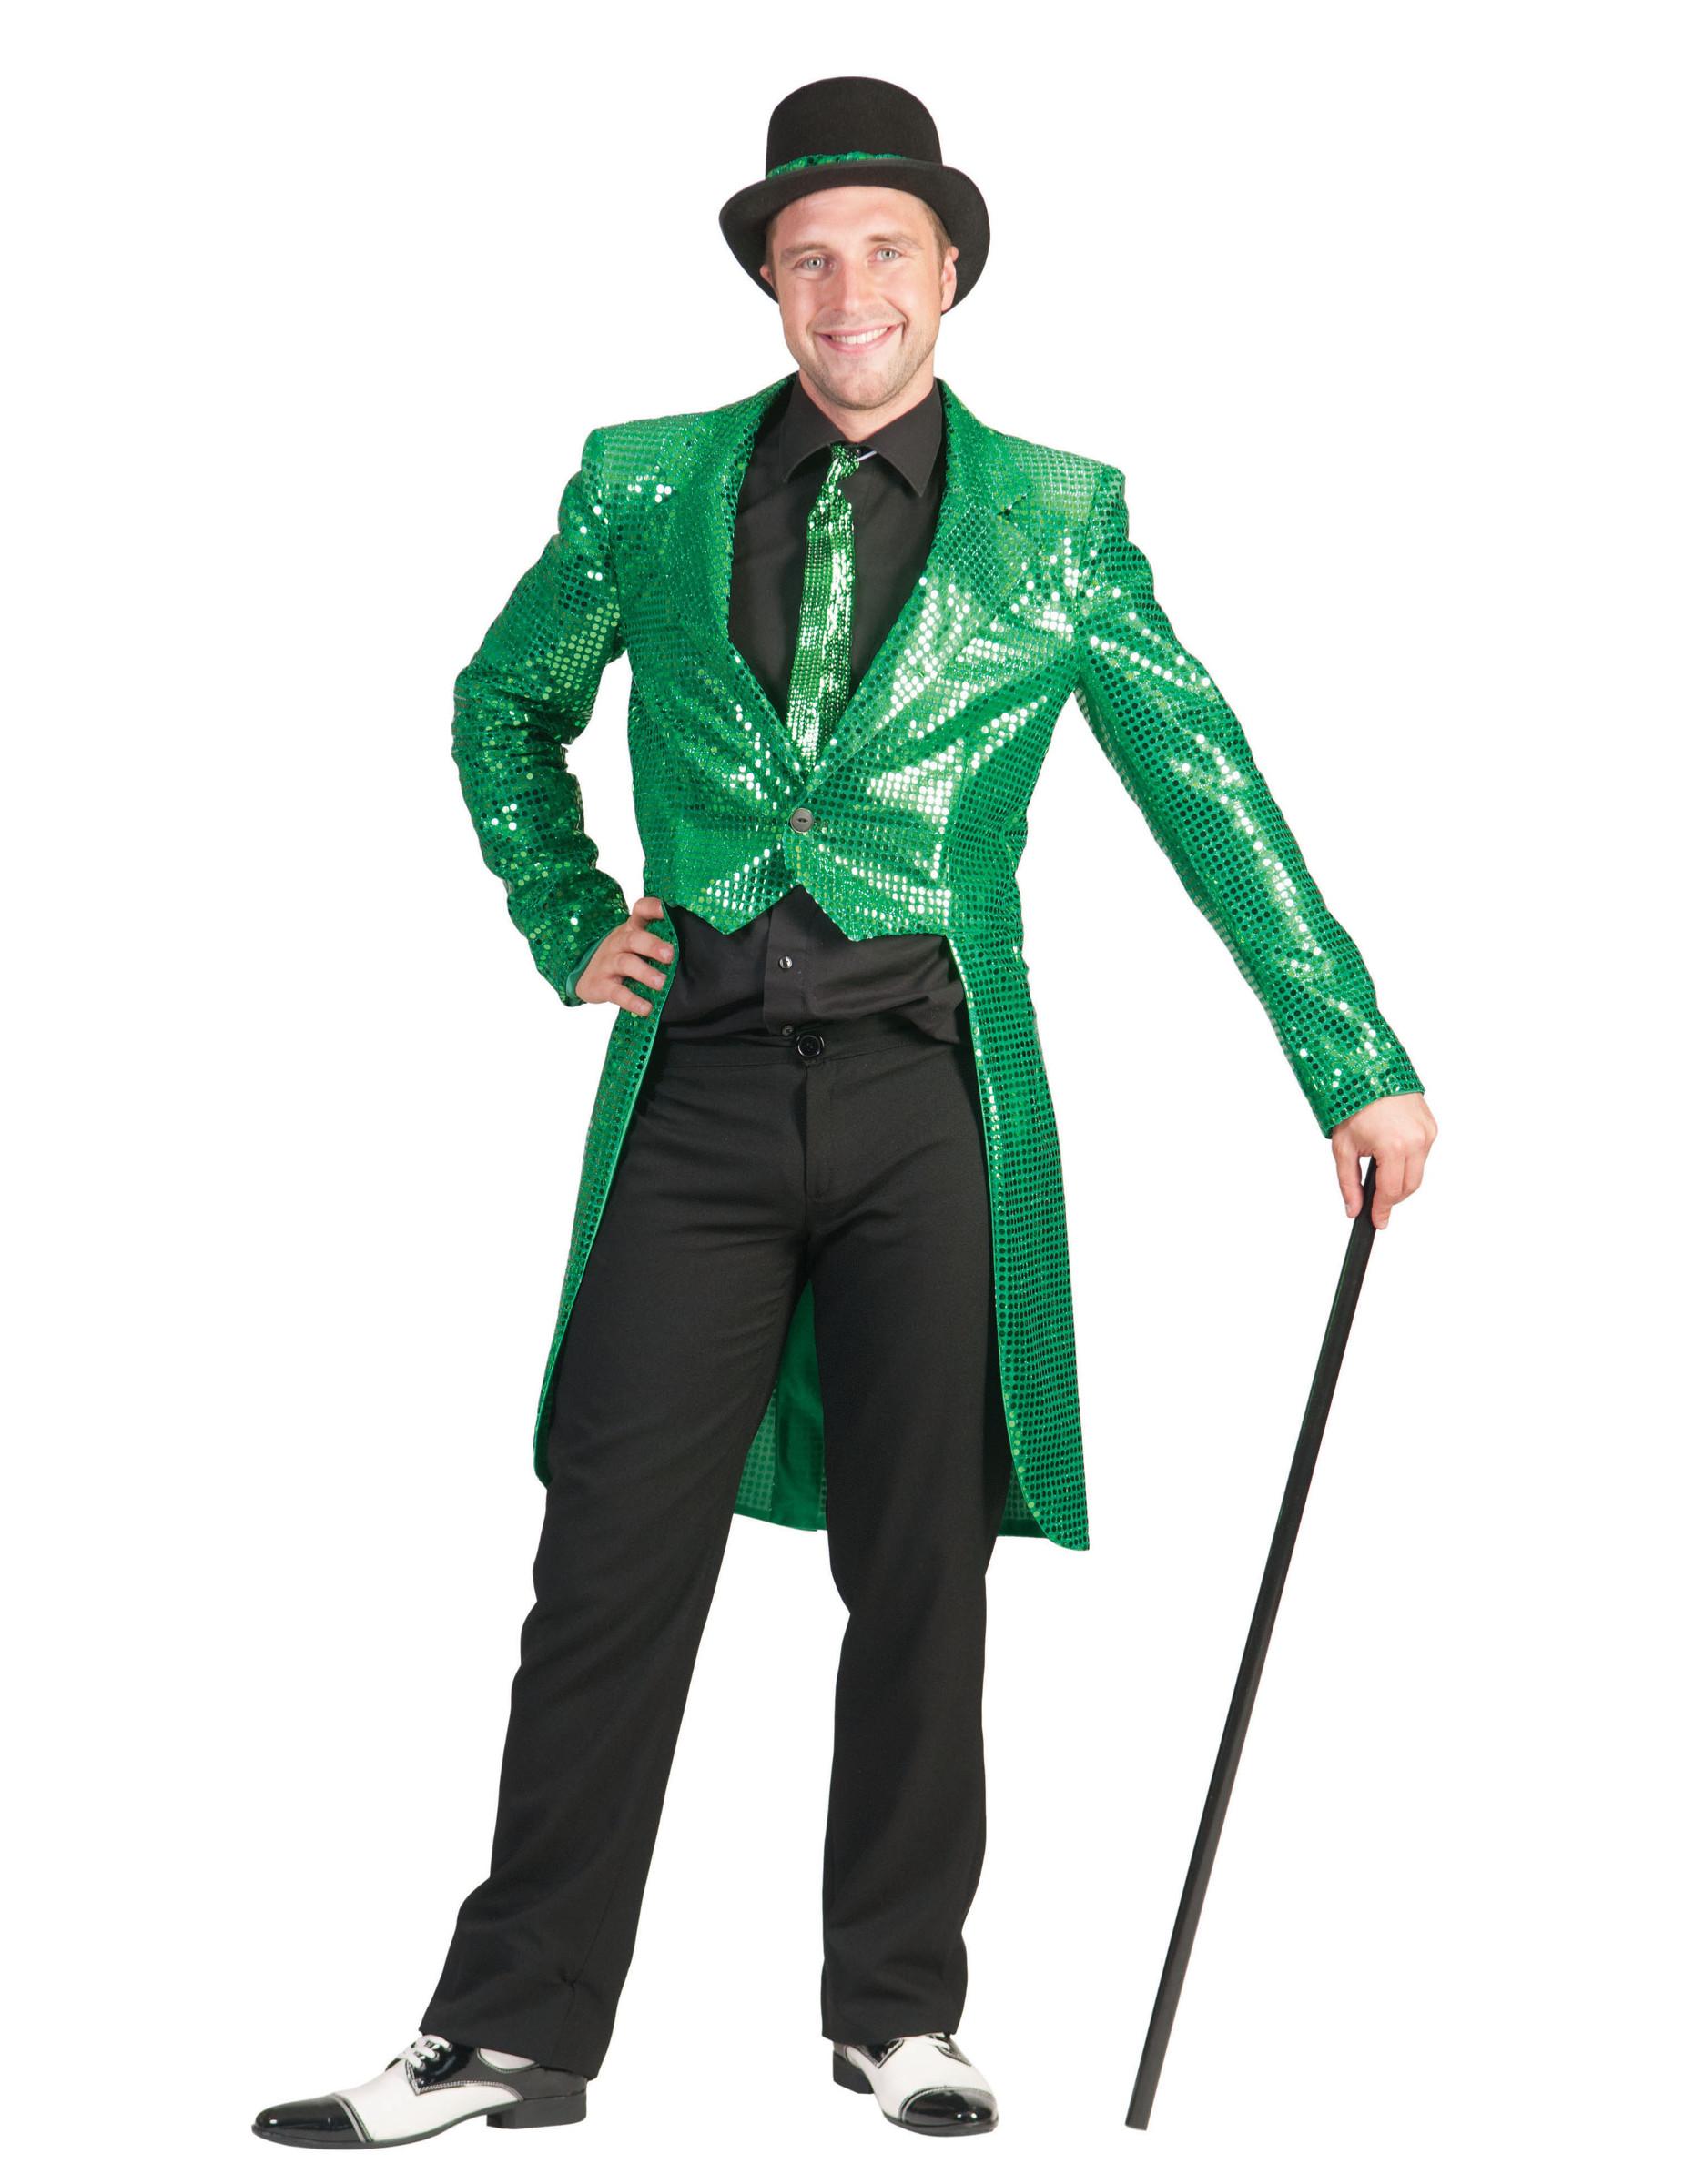 miglior sito famoso marchio di stilisti adatto a uomini/donne Giacca a coda di rondine verde con paillettes per adulto